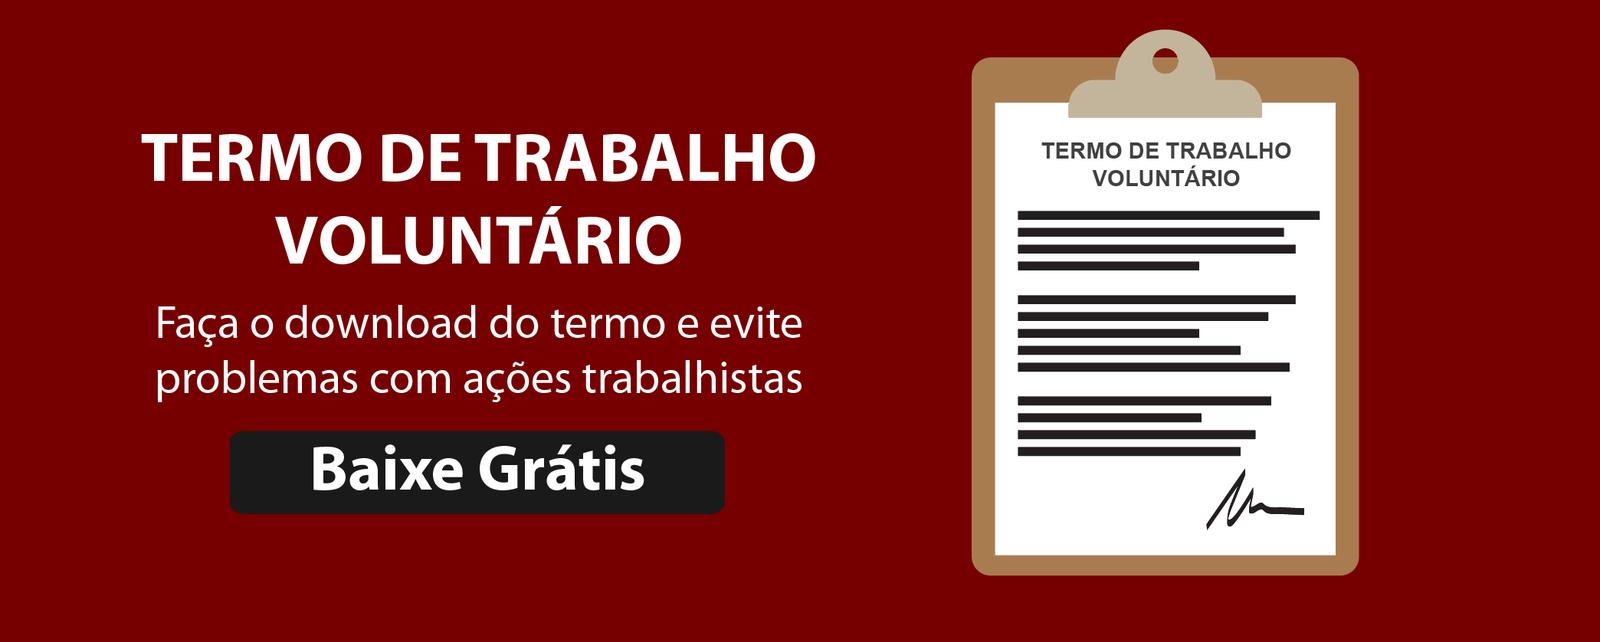 TERMO DE TRABALHO VOLUNTARIO